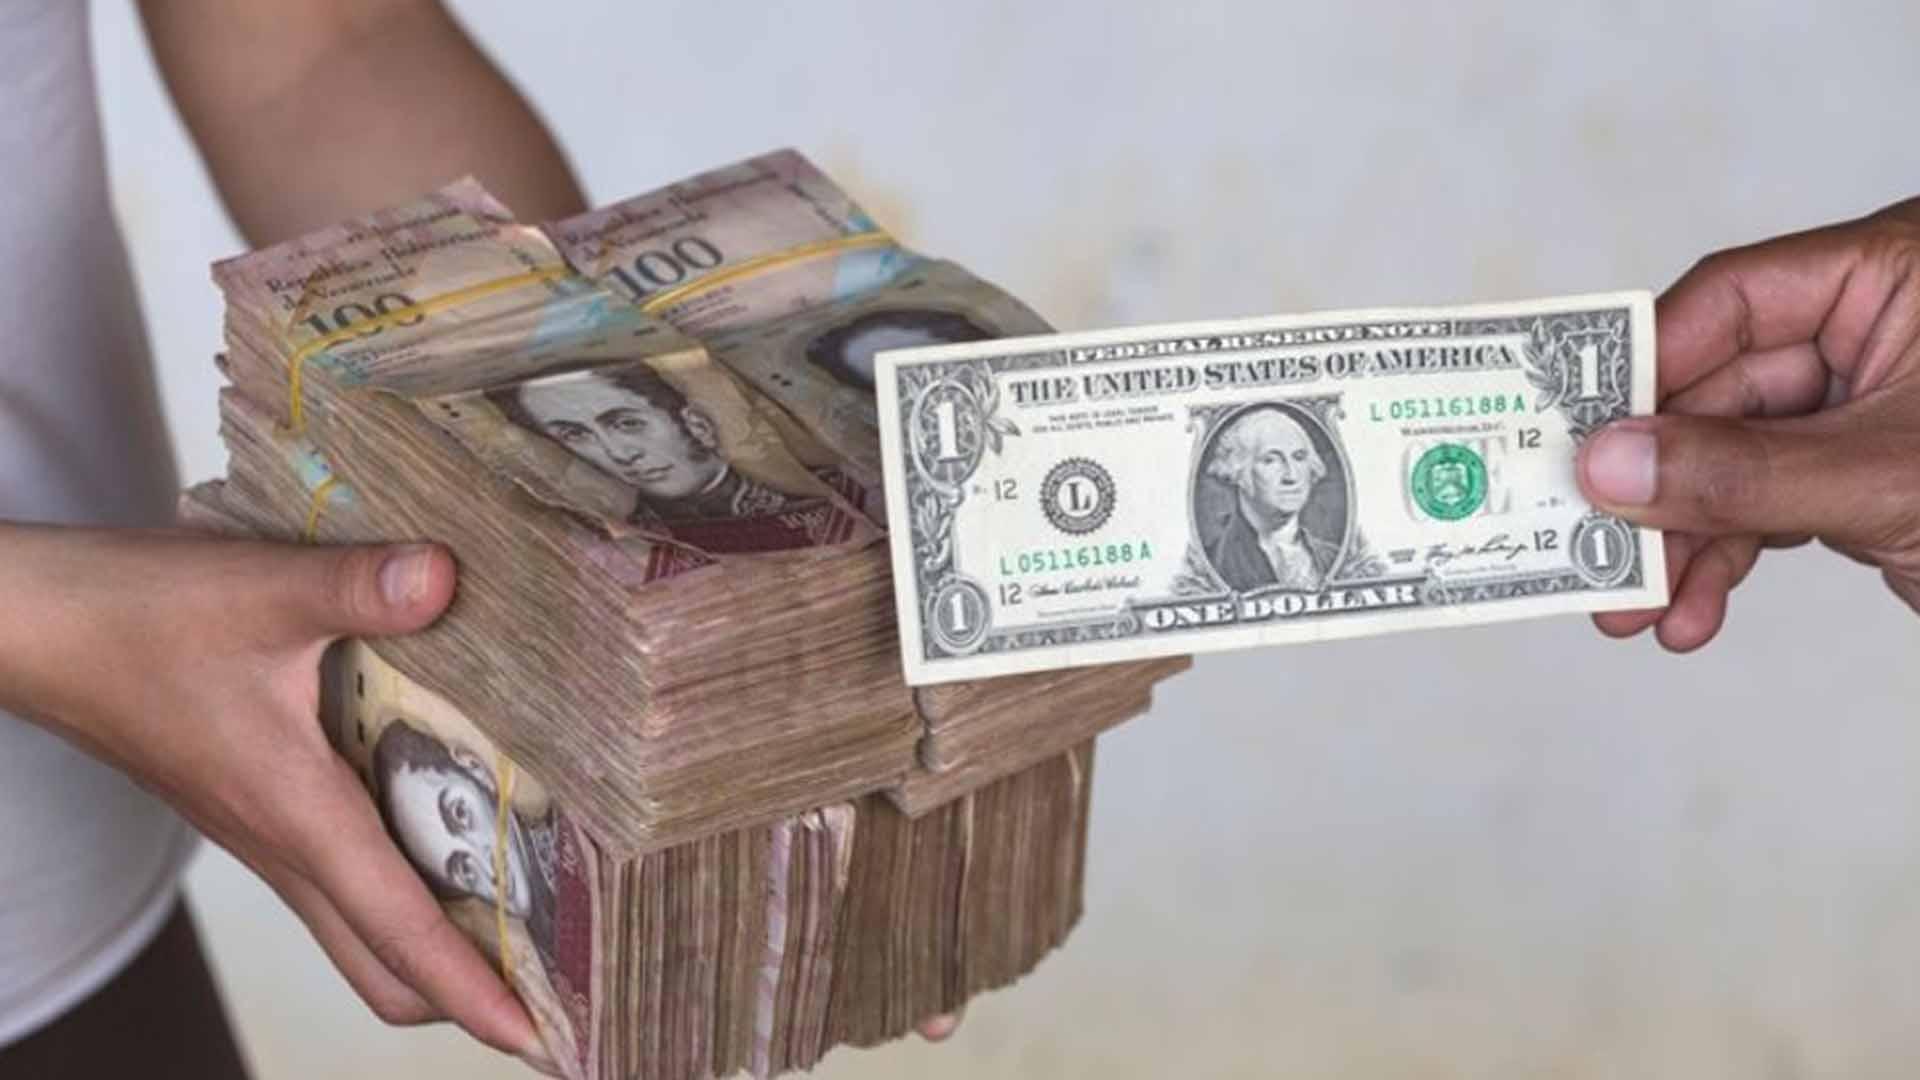 La hiperinflación es un impuesto para financiar el déficit del gobierno, por Víctor Álvarez R.